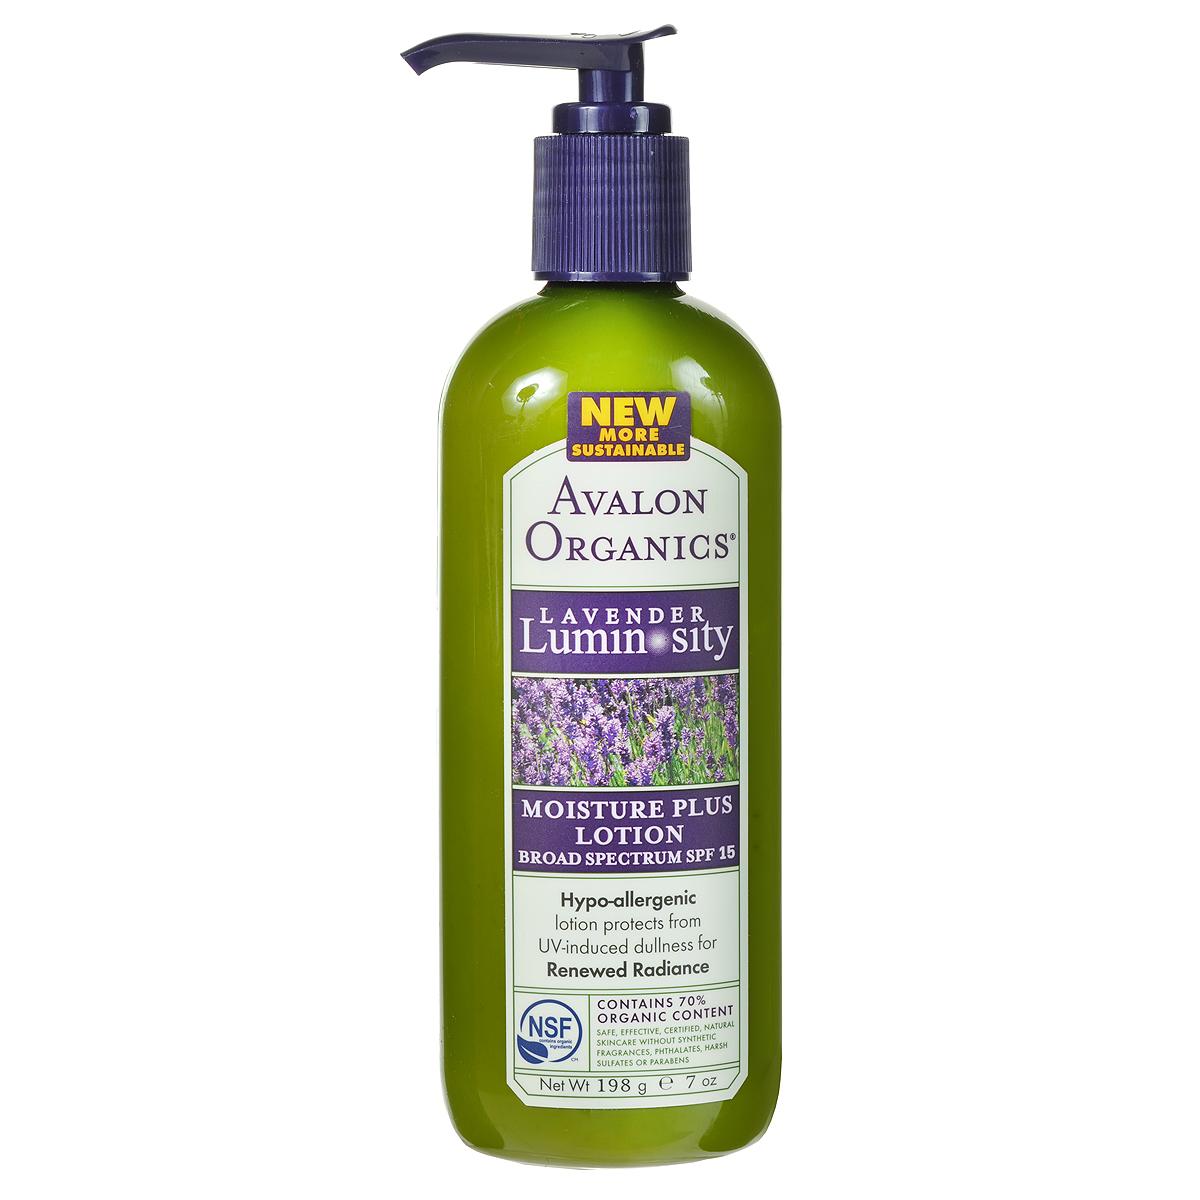 Avalon Organics Лосьон для лица Lavender Luminosity, увлажняющий, SPF 15, 198 гAV35320Гипоаллергенный, очень легкий лосьон-крем Lavender Luminosity с минеральными солнцезащитными фильтрами от UVA и UVB лучей обеспечивает эффективную защиту кожи от повреждающего воздействия солнечных лучей и преждевременного старения. Моментально наполняет кожу жизненной влагой растительных экстрактов, глубоко увлажняет, питает и способствует красивому, ровному, сияющему цвету и тону кожи на долгое время. Способ применения: наносить ежедневно утром и вечером на очищенную кожу, за 15 минут довыхода на солнце. Для более эффективного воздействия можно использовать после Лавандовой Обновляющей сыворотки.